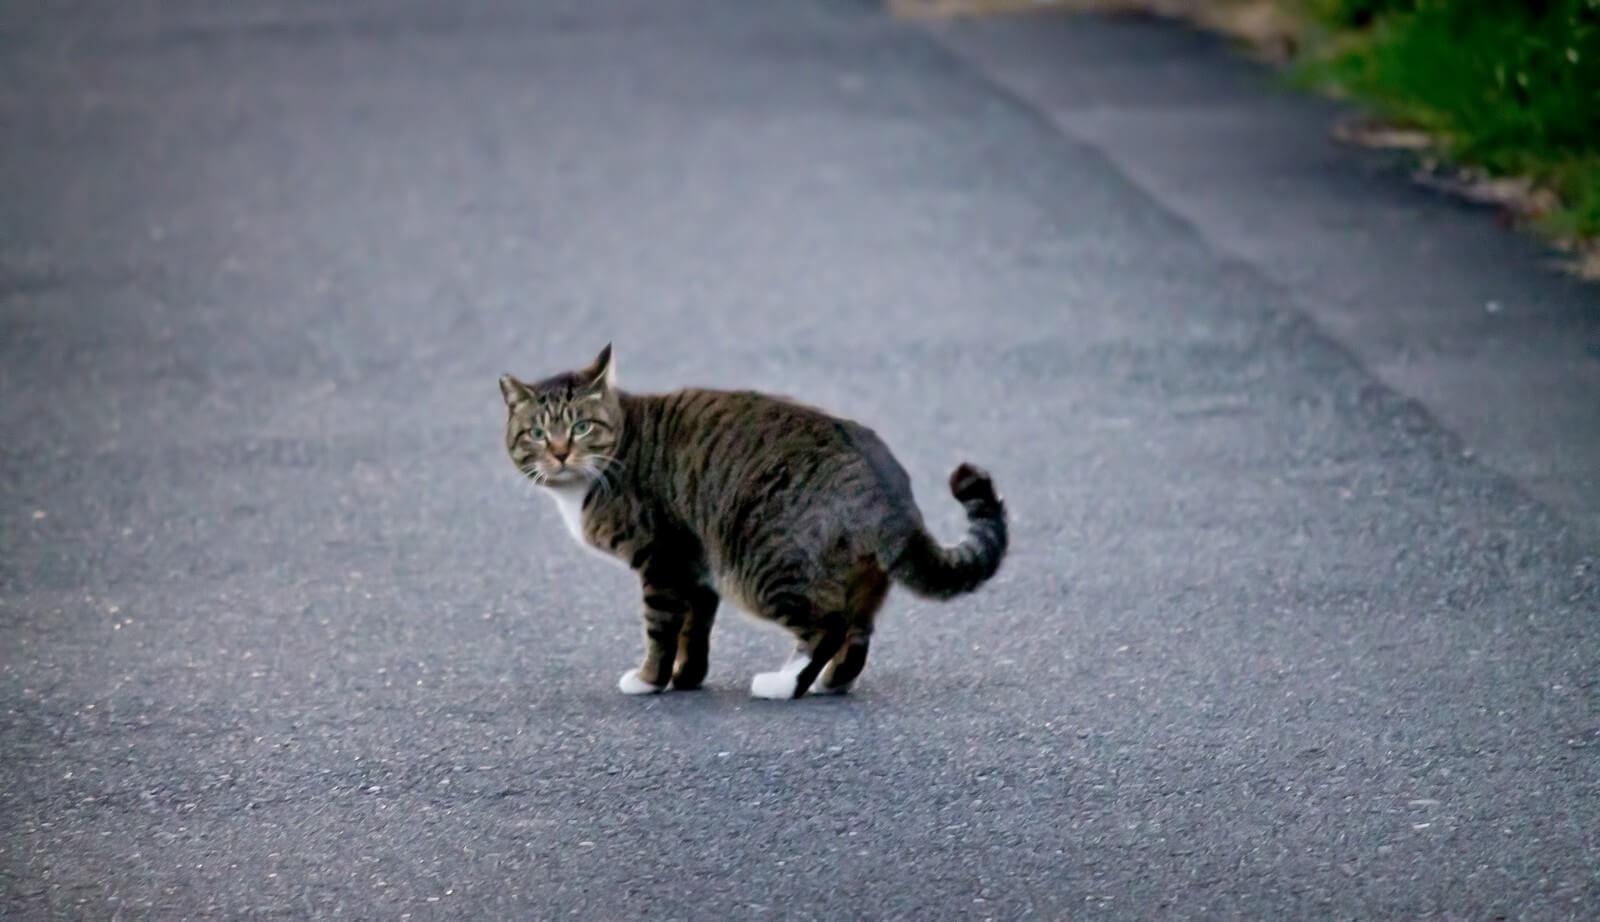 猫が脱走してしまったときの対処法